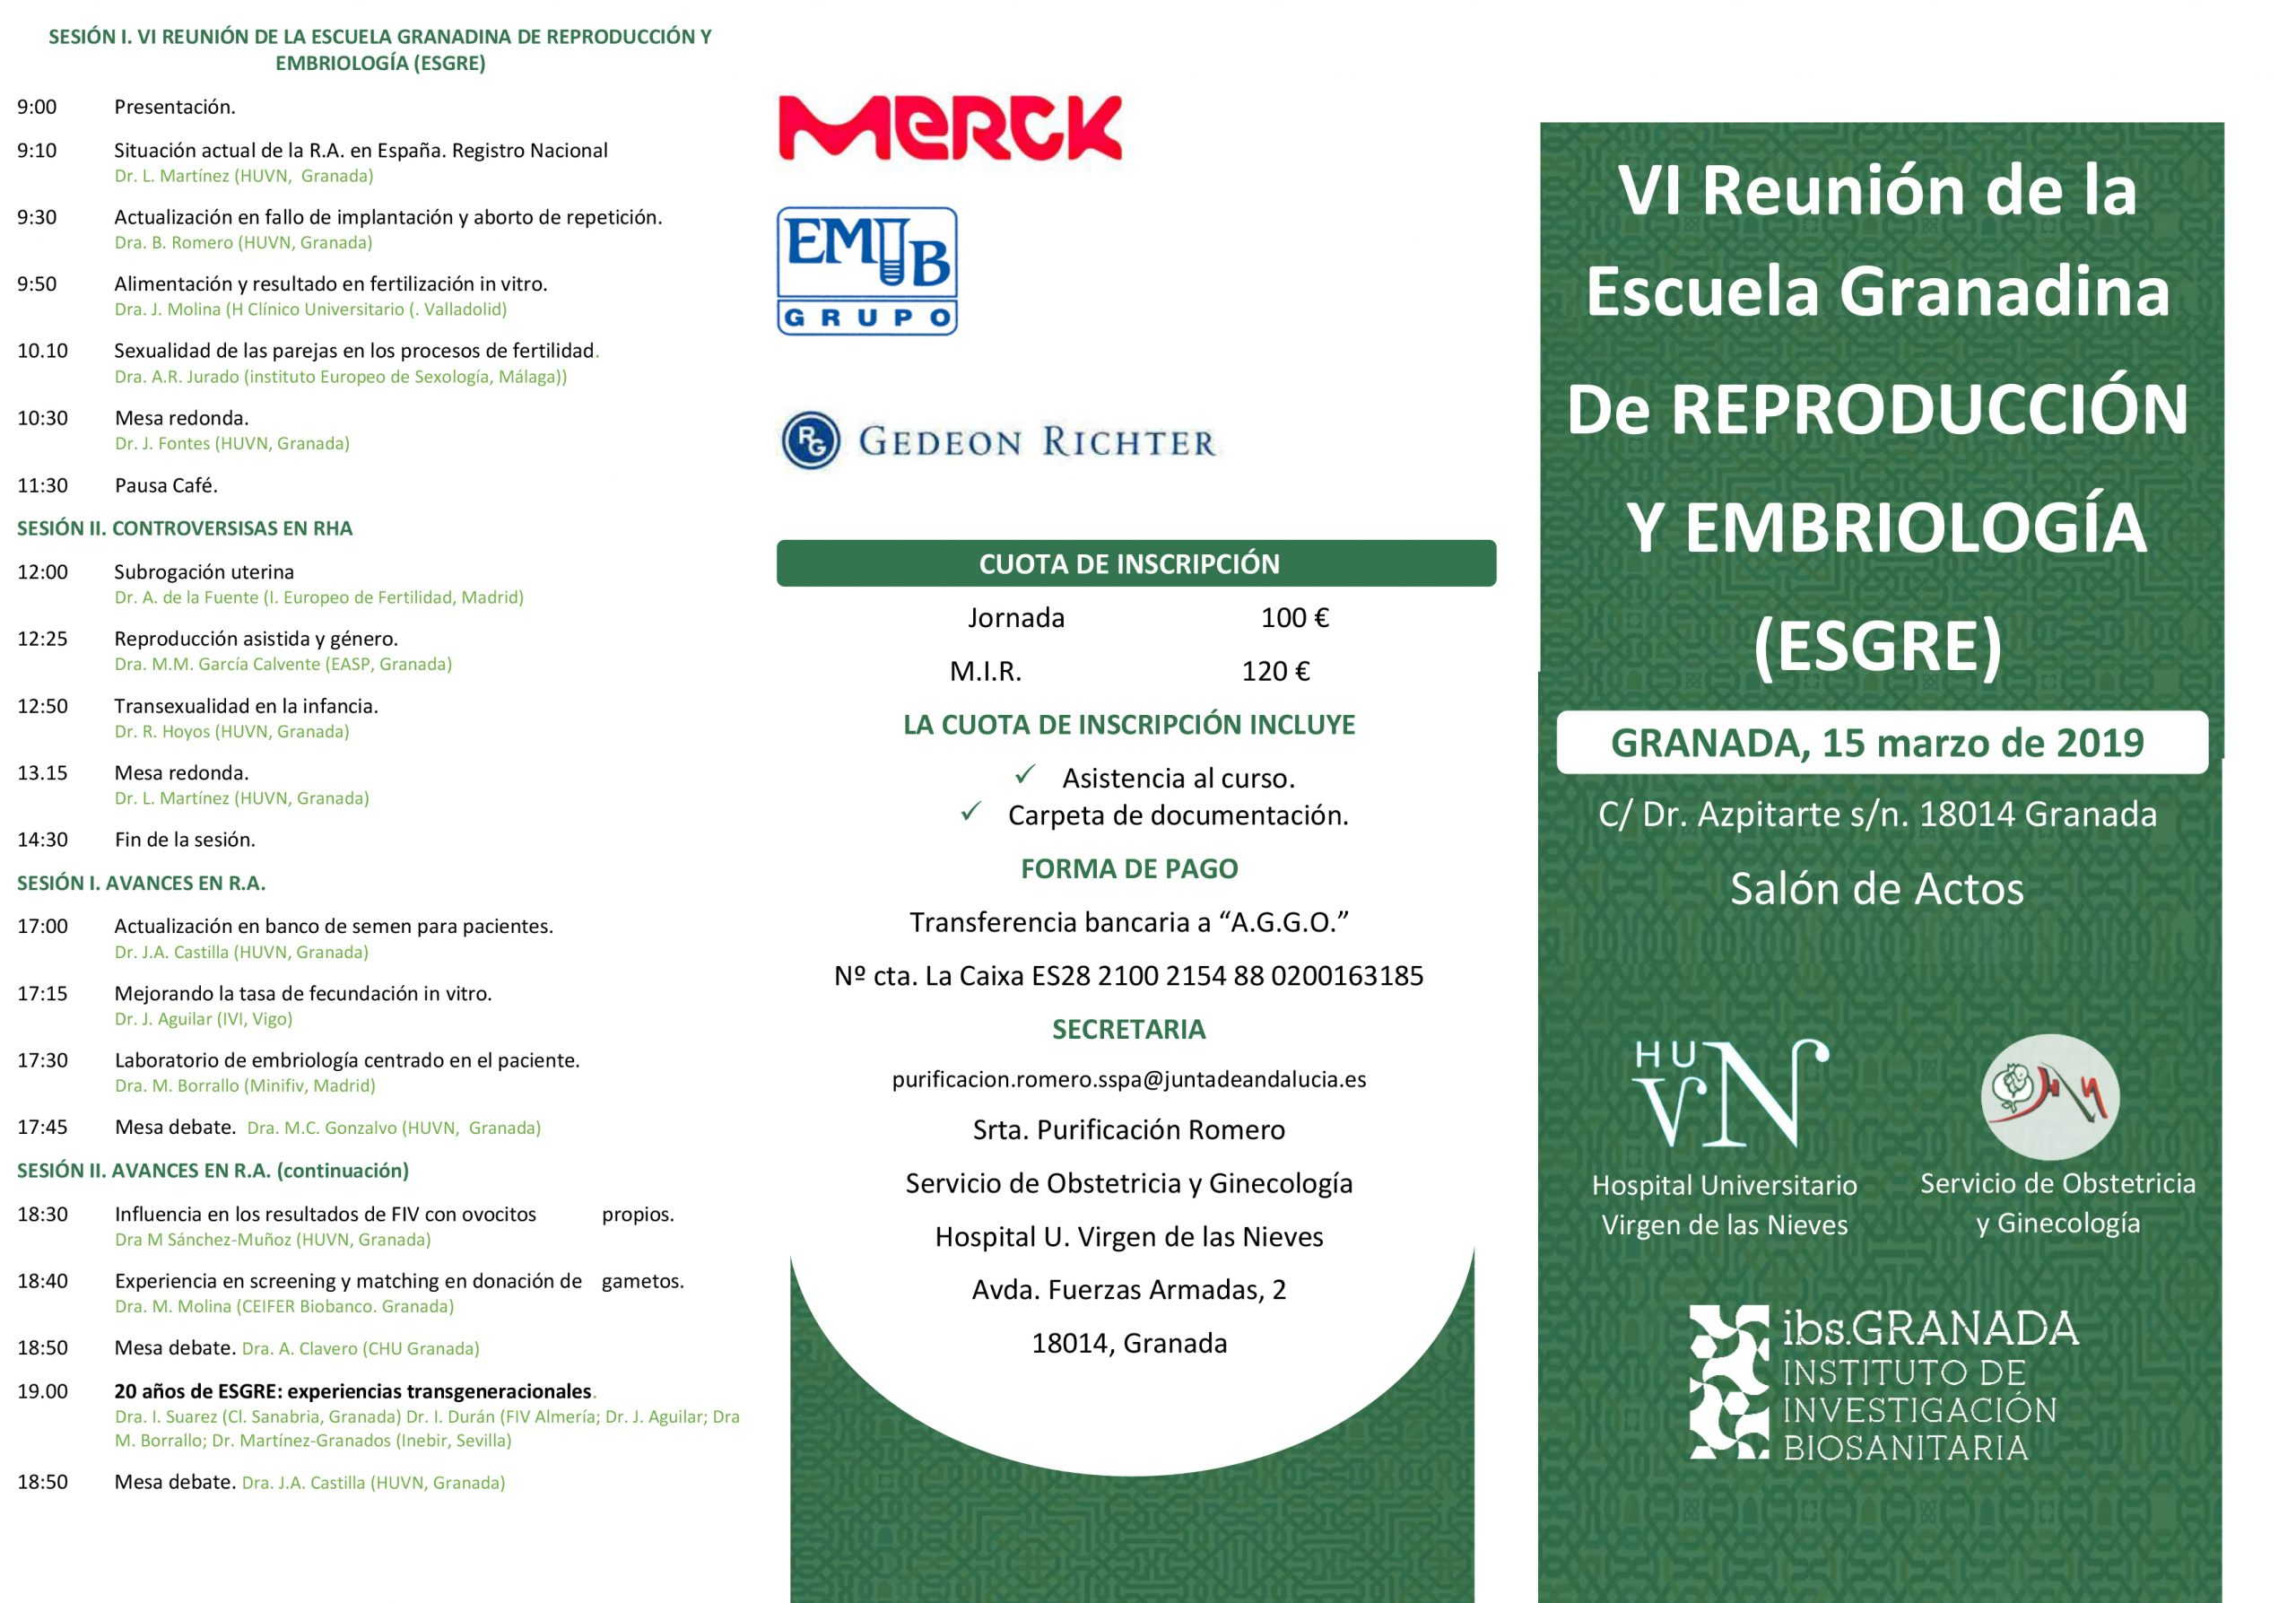 VI Reunión de la Escuela Granadina de Reproducción y Embriología